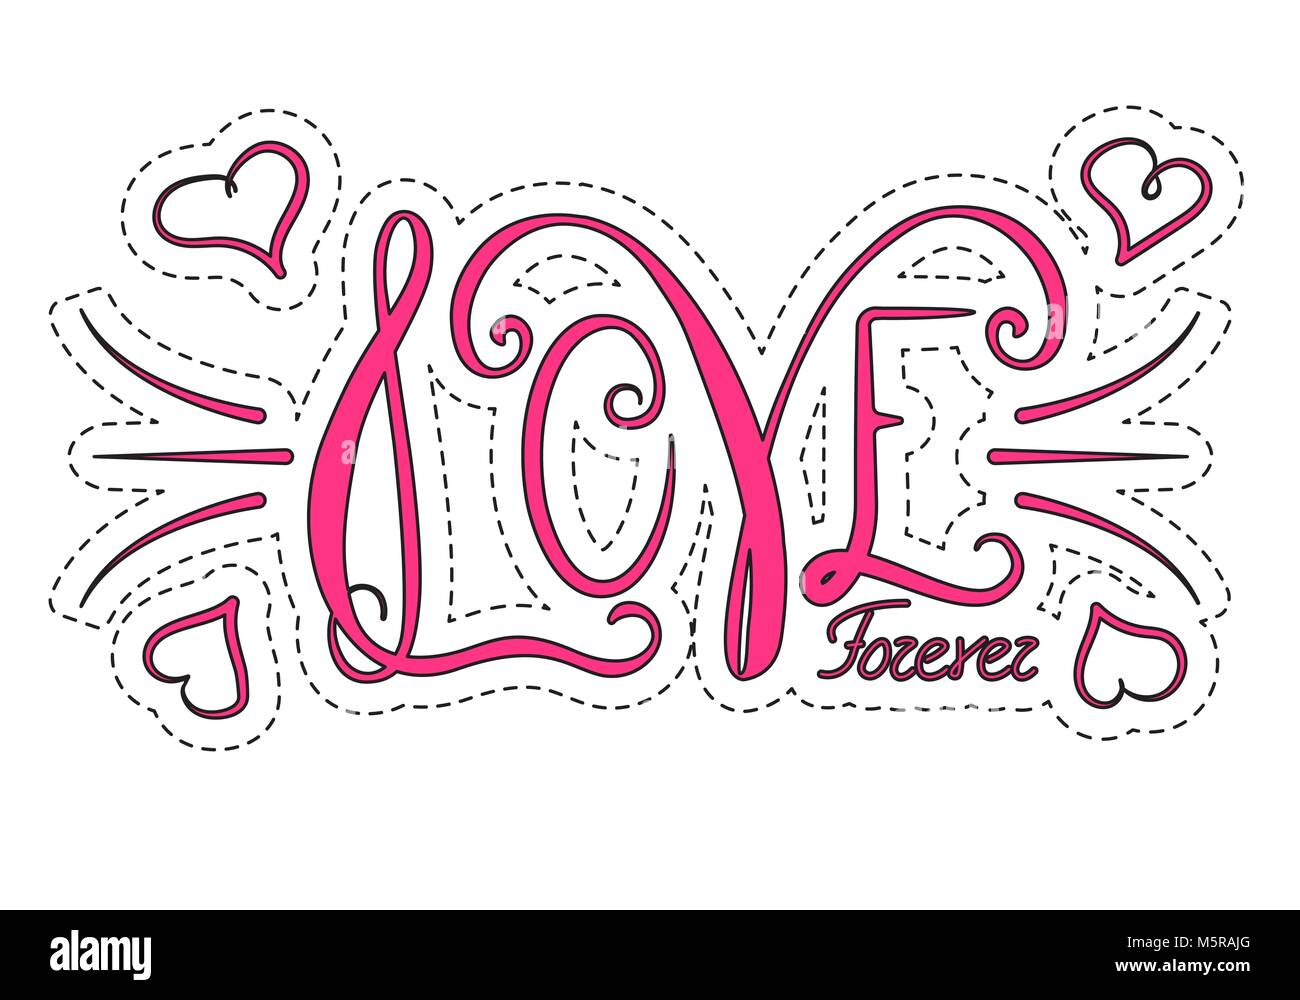 Frase Dibujada A Mano Para Siempre El Amor Diseño De Letras